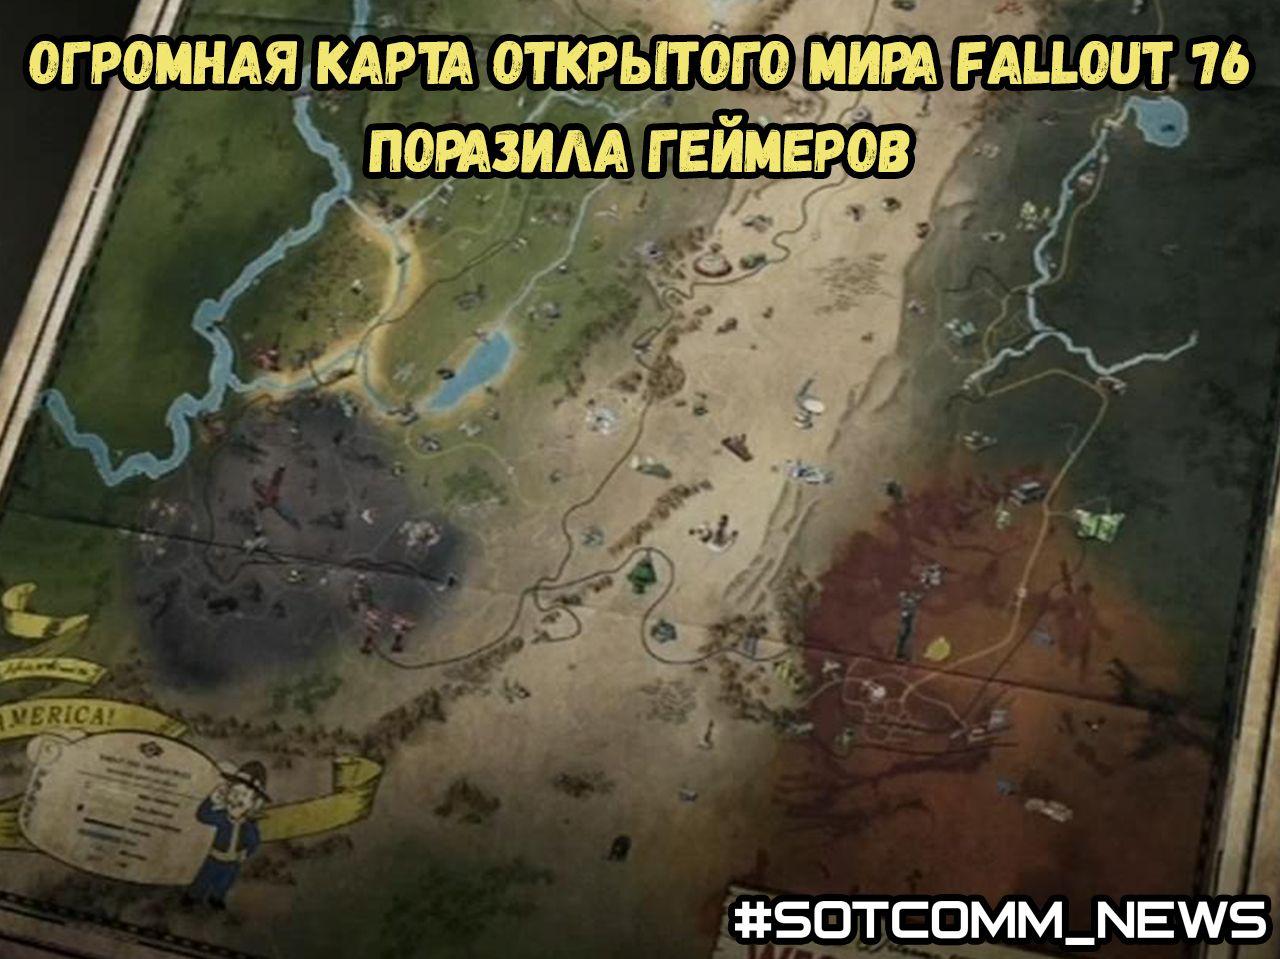 Огромная карта открытого мира Fallout 76 поразила геймеров